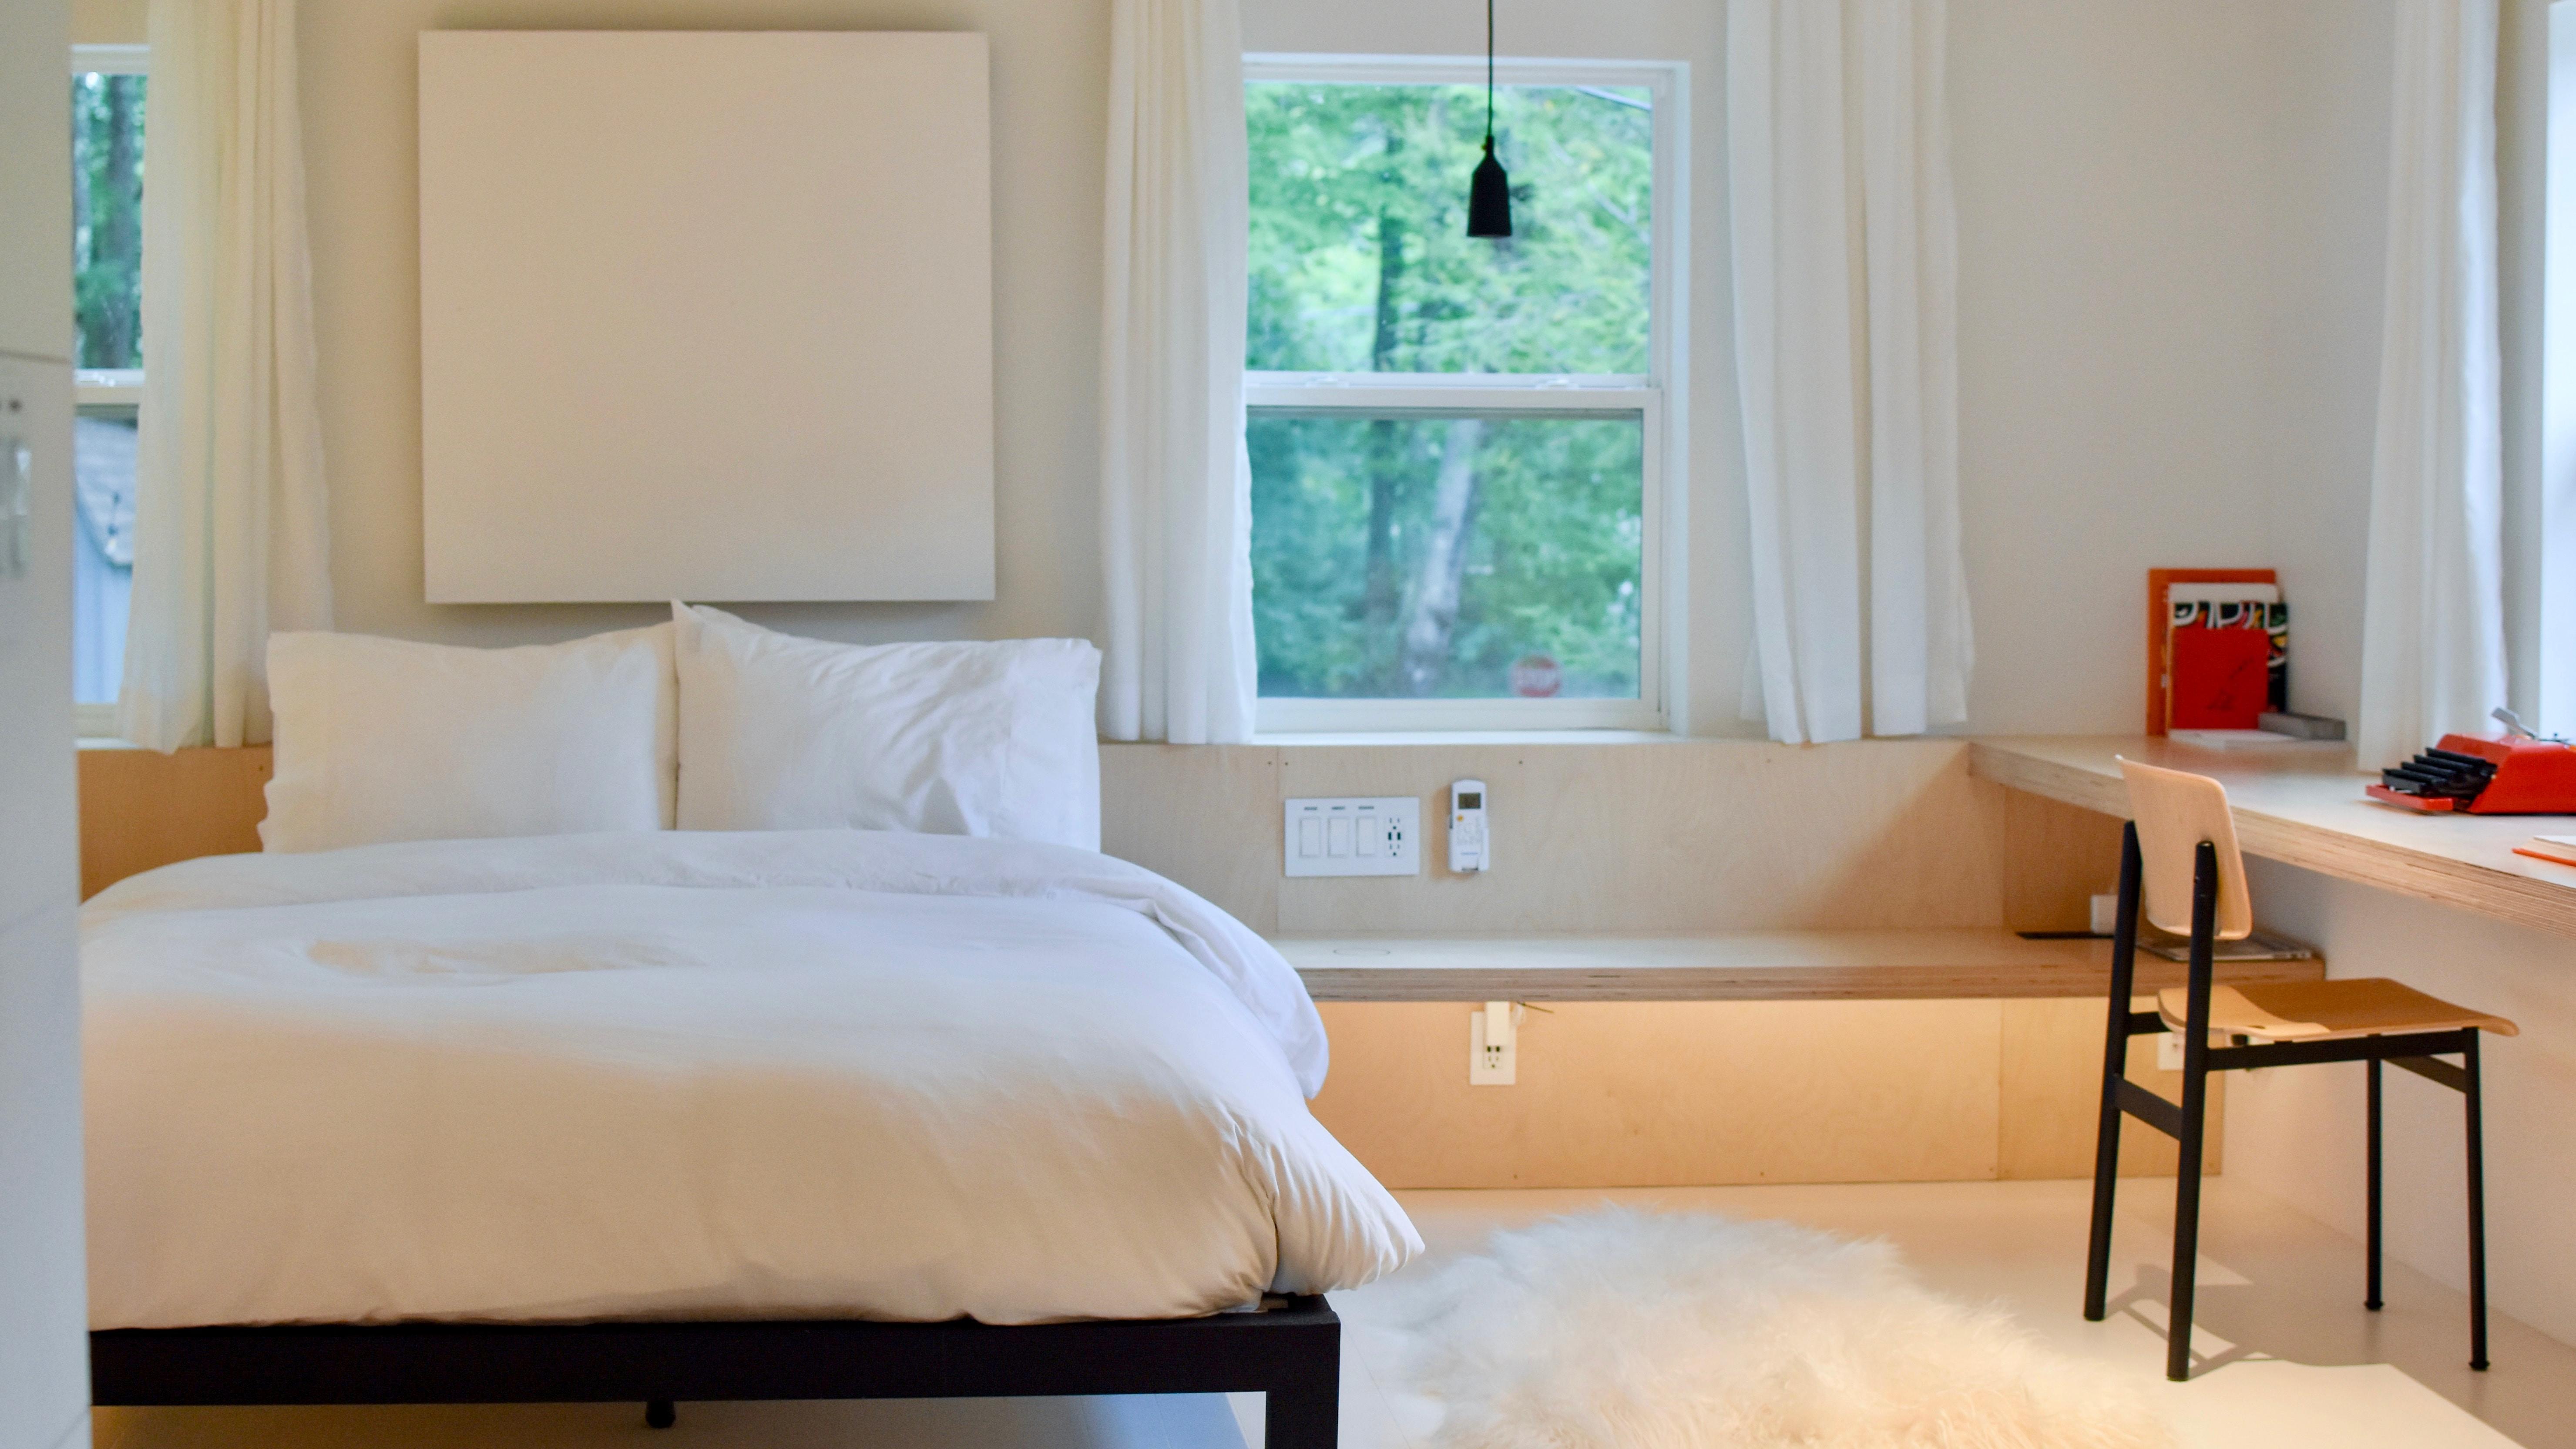 Cómo amueblar y decorar tu casa sin gastar demasiado dinero